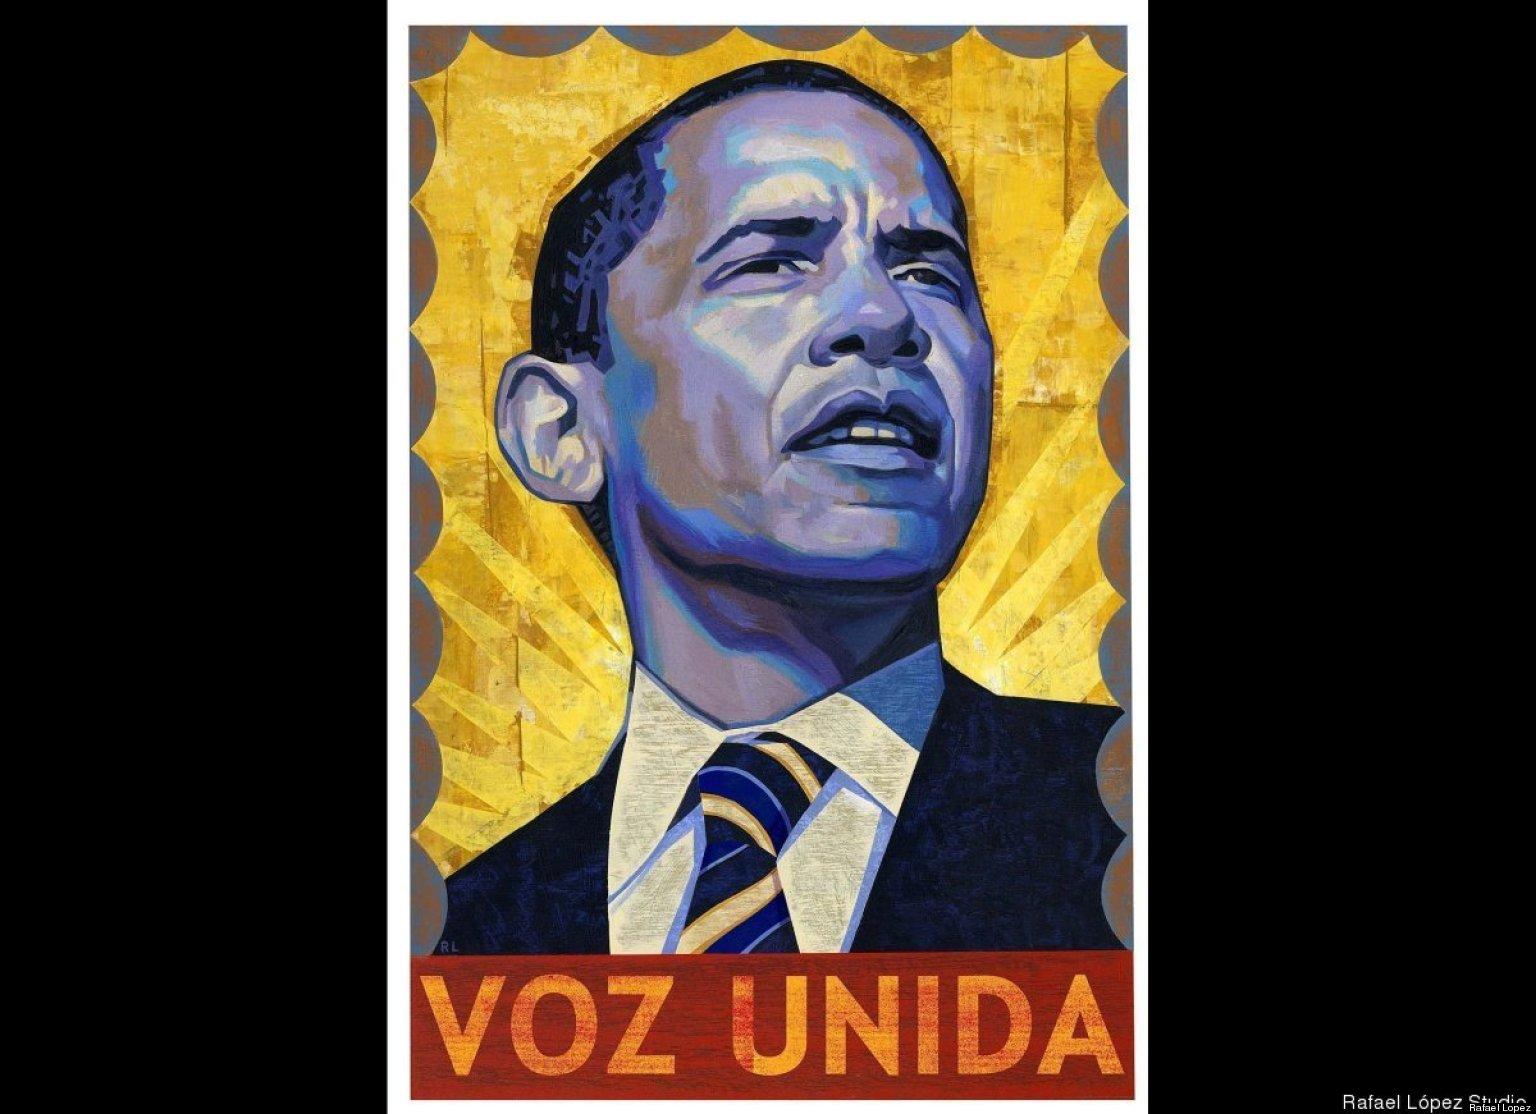 Arte Obama